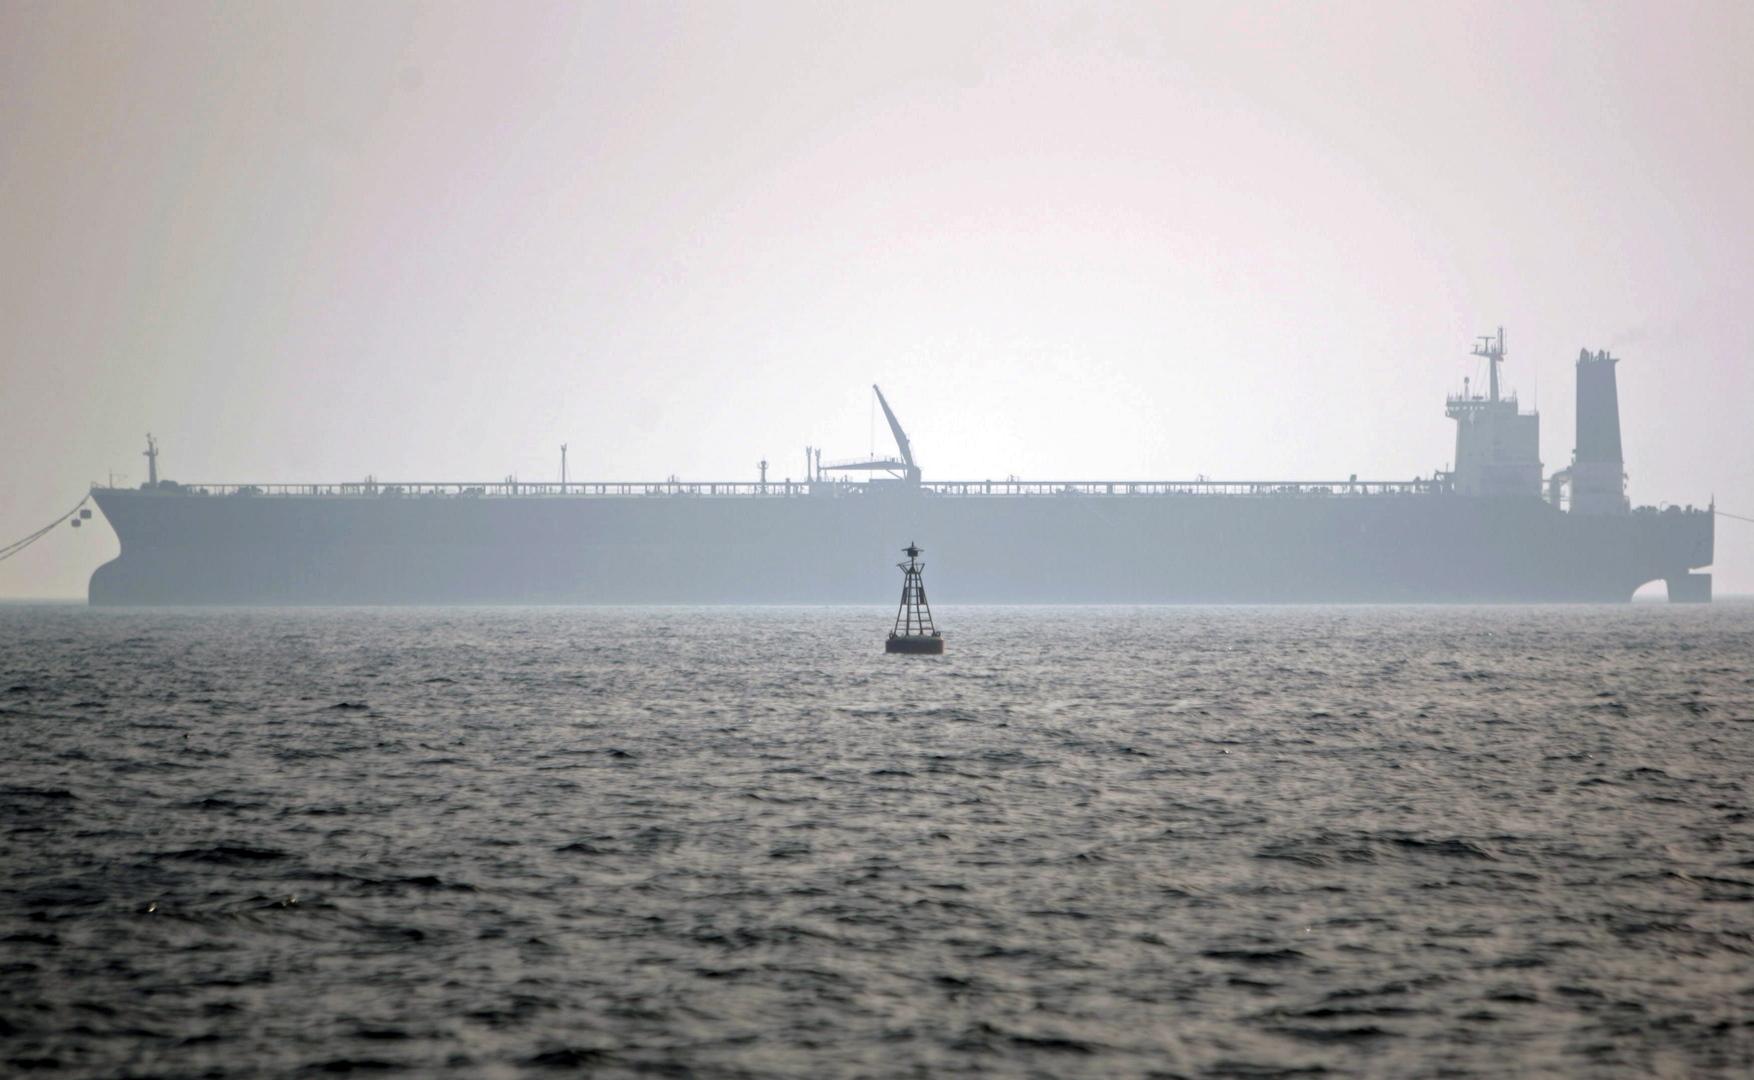 سفينة تجارية في الخليج - صورة أرشيثفية